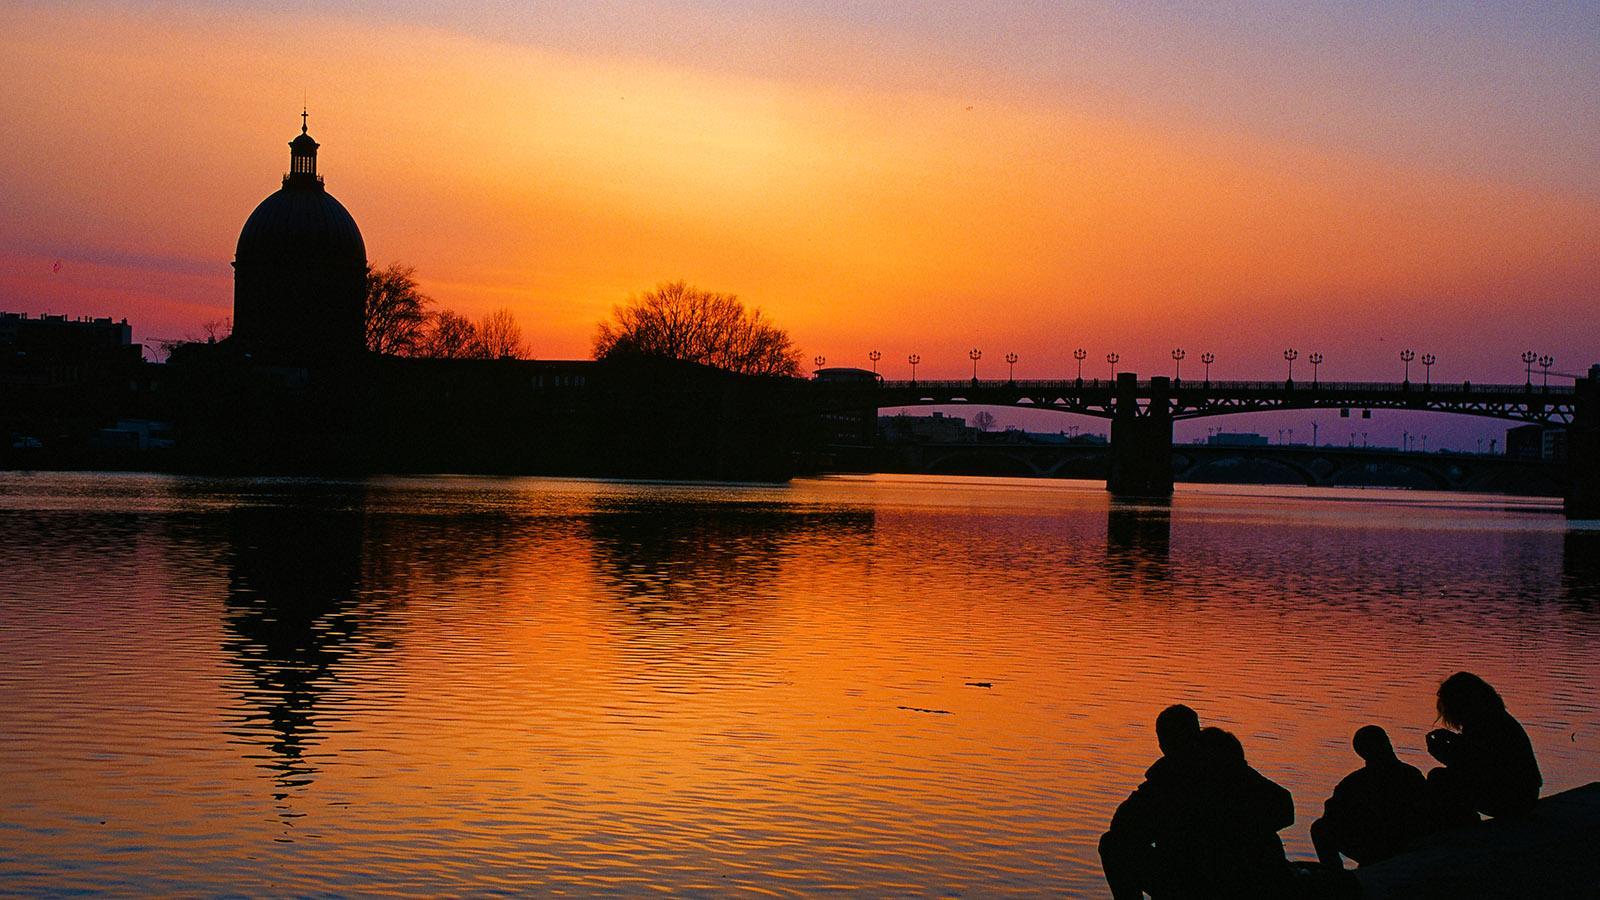 Toulouse. Sonnenuntergang an der Garonne. Am anderen Ufer seht ihr den Dôme de la Chapelle Saint-Joseph-de-la-Grave. Foto: Hike Maunder